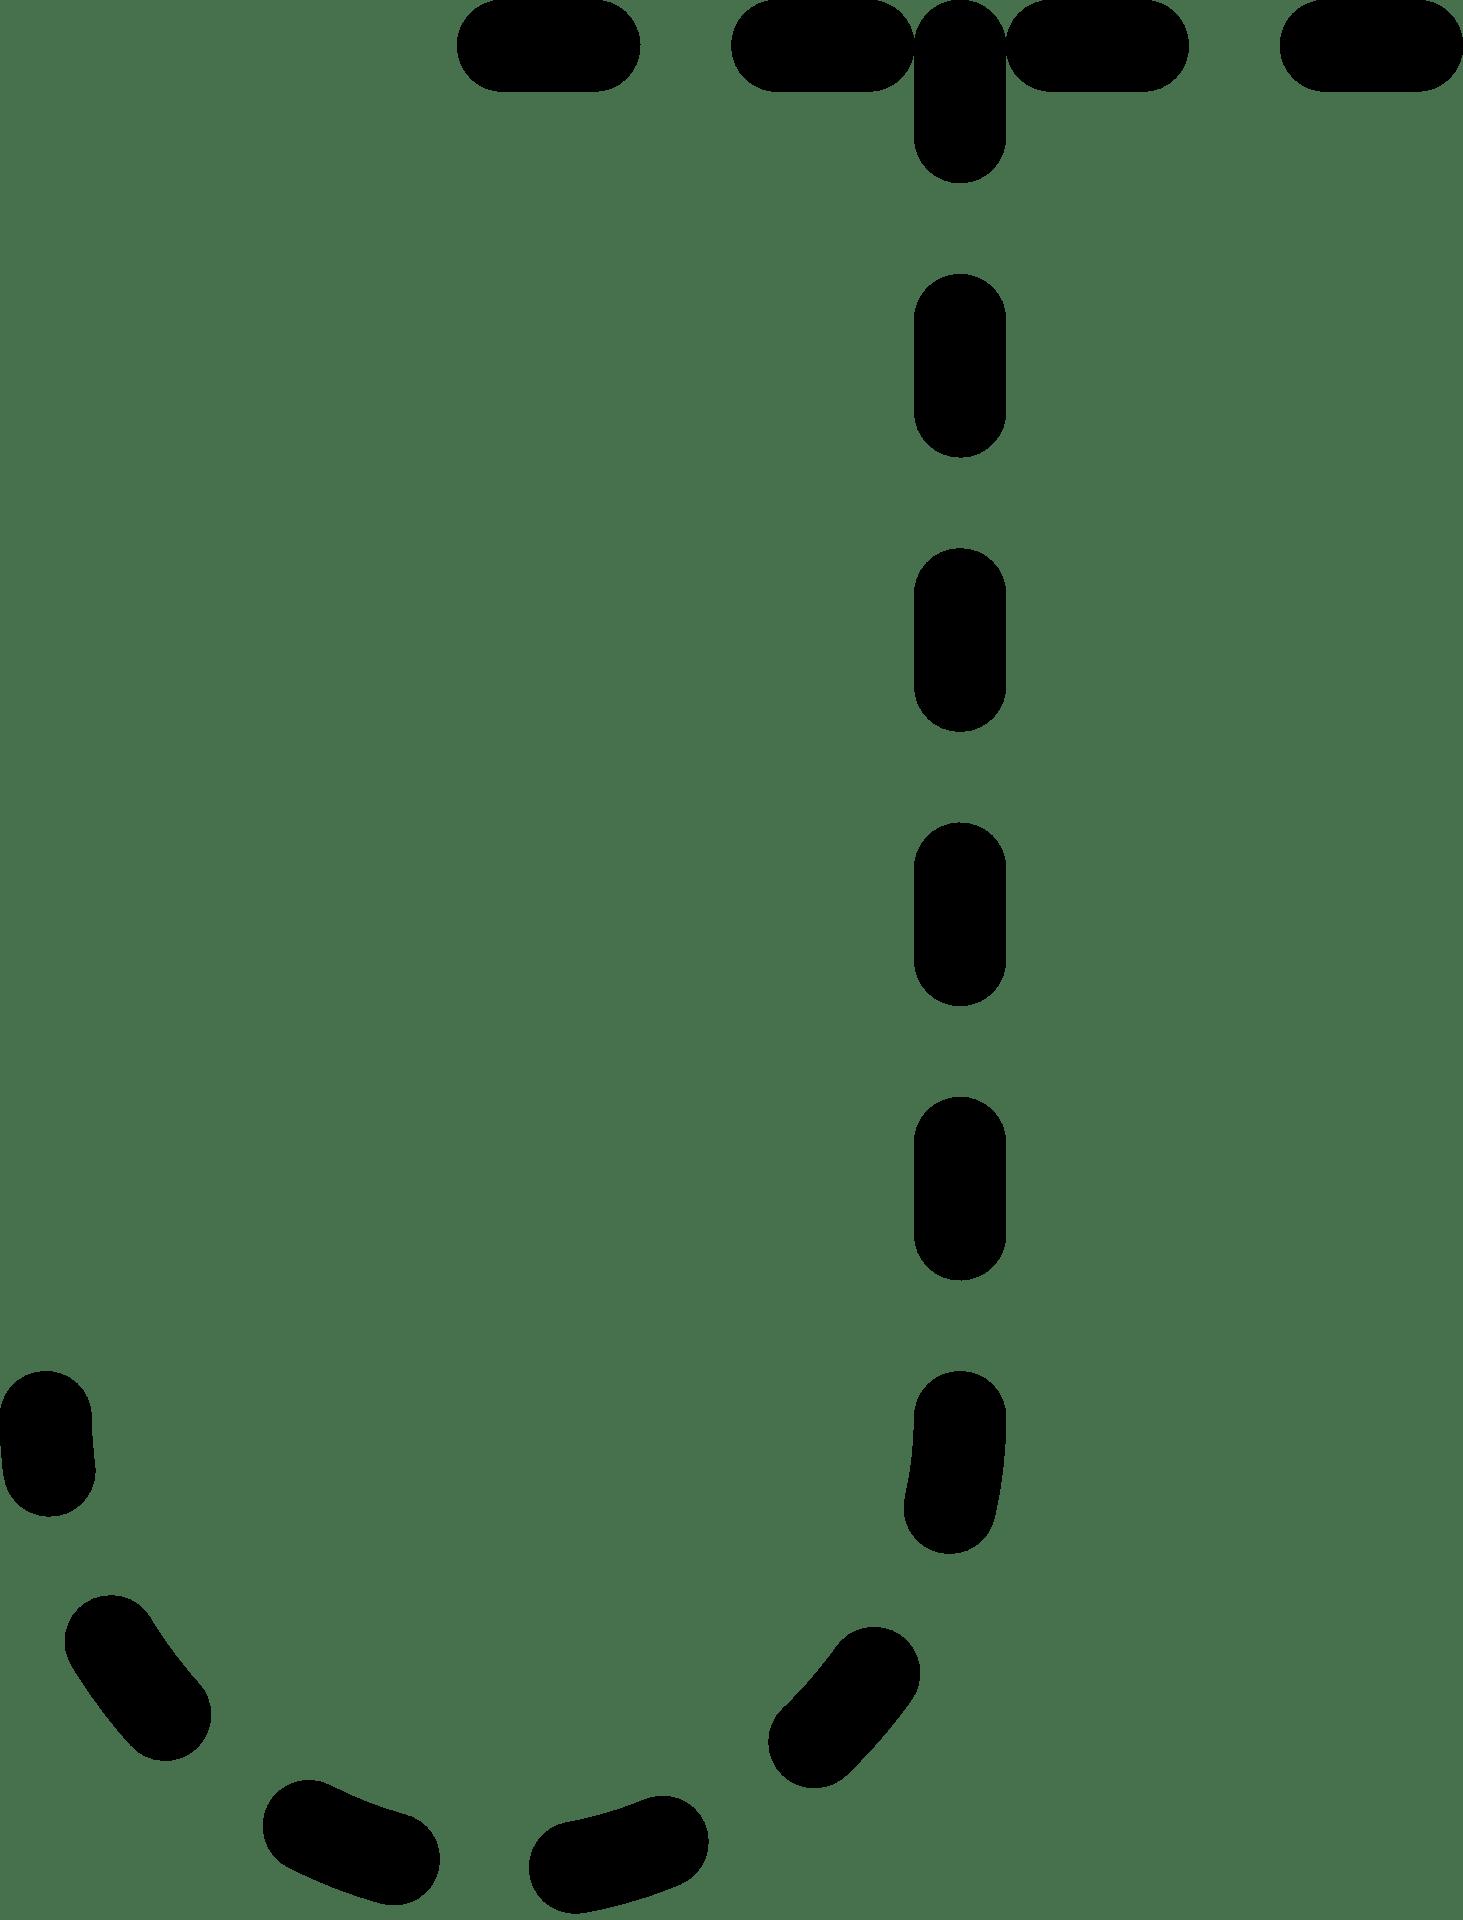 Dashed Line Of Alphabet Letter J Free Image